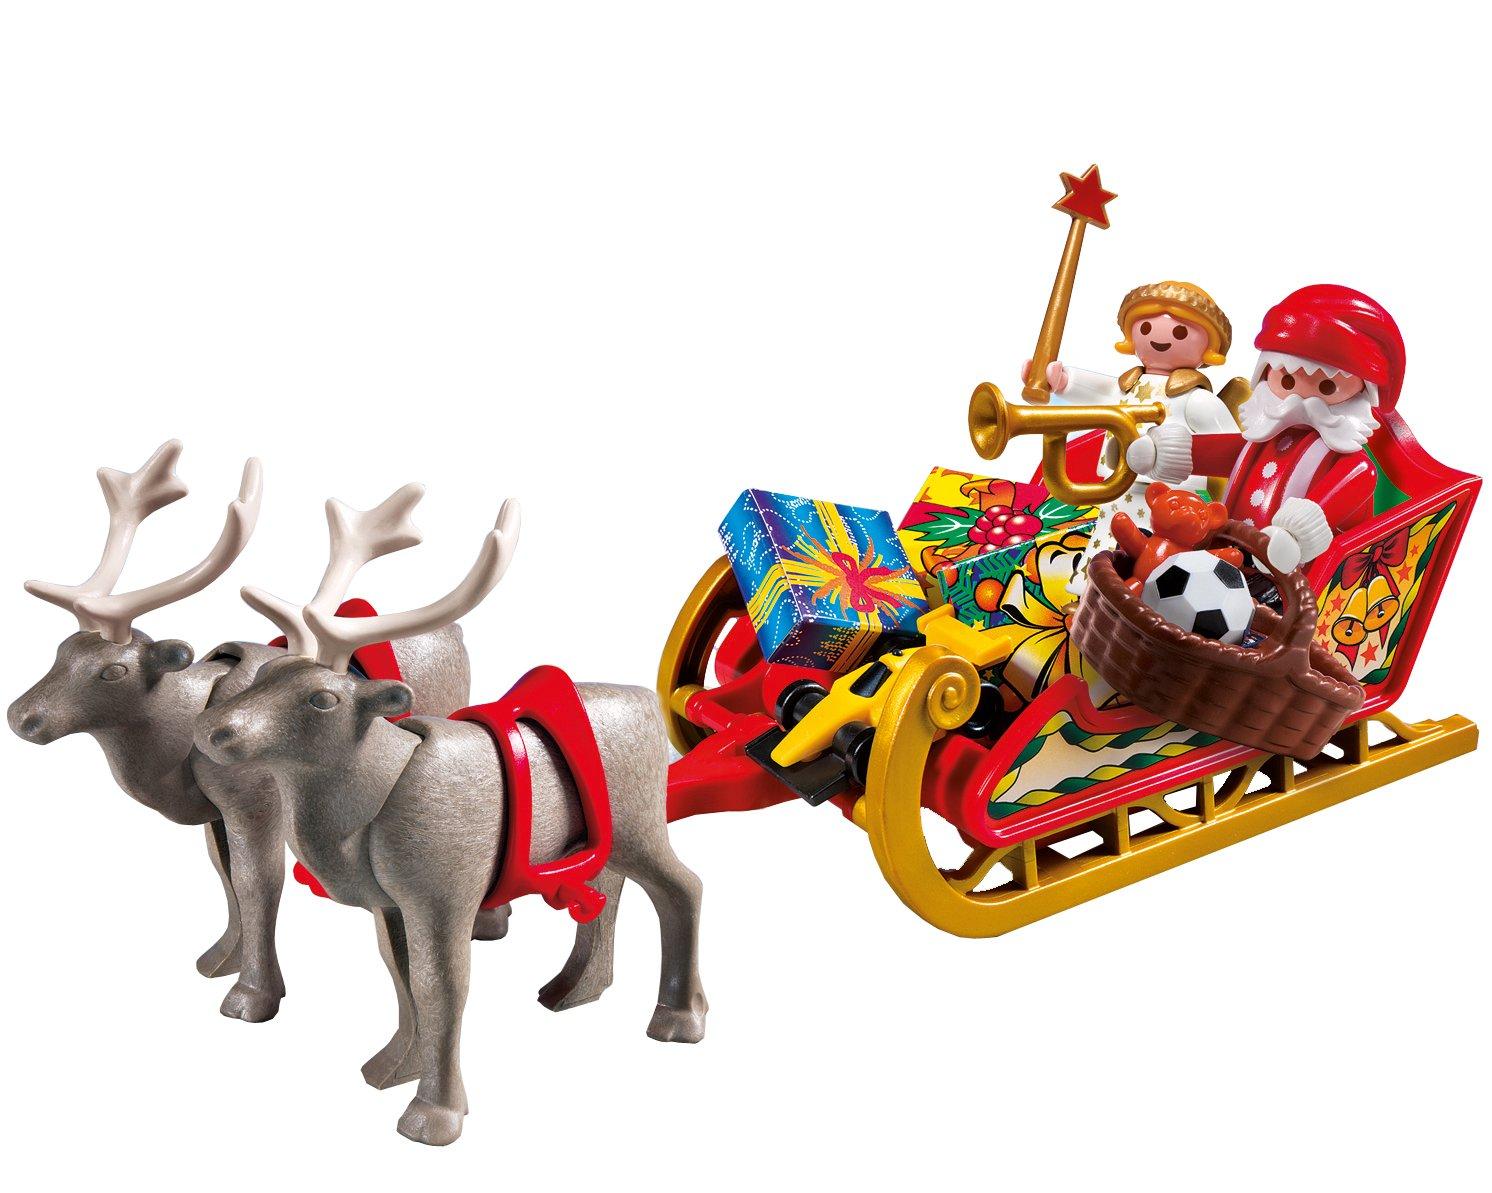 Clipart - Santa's Sleigh